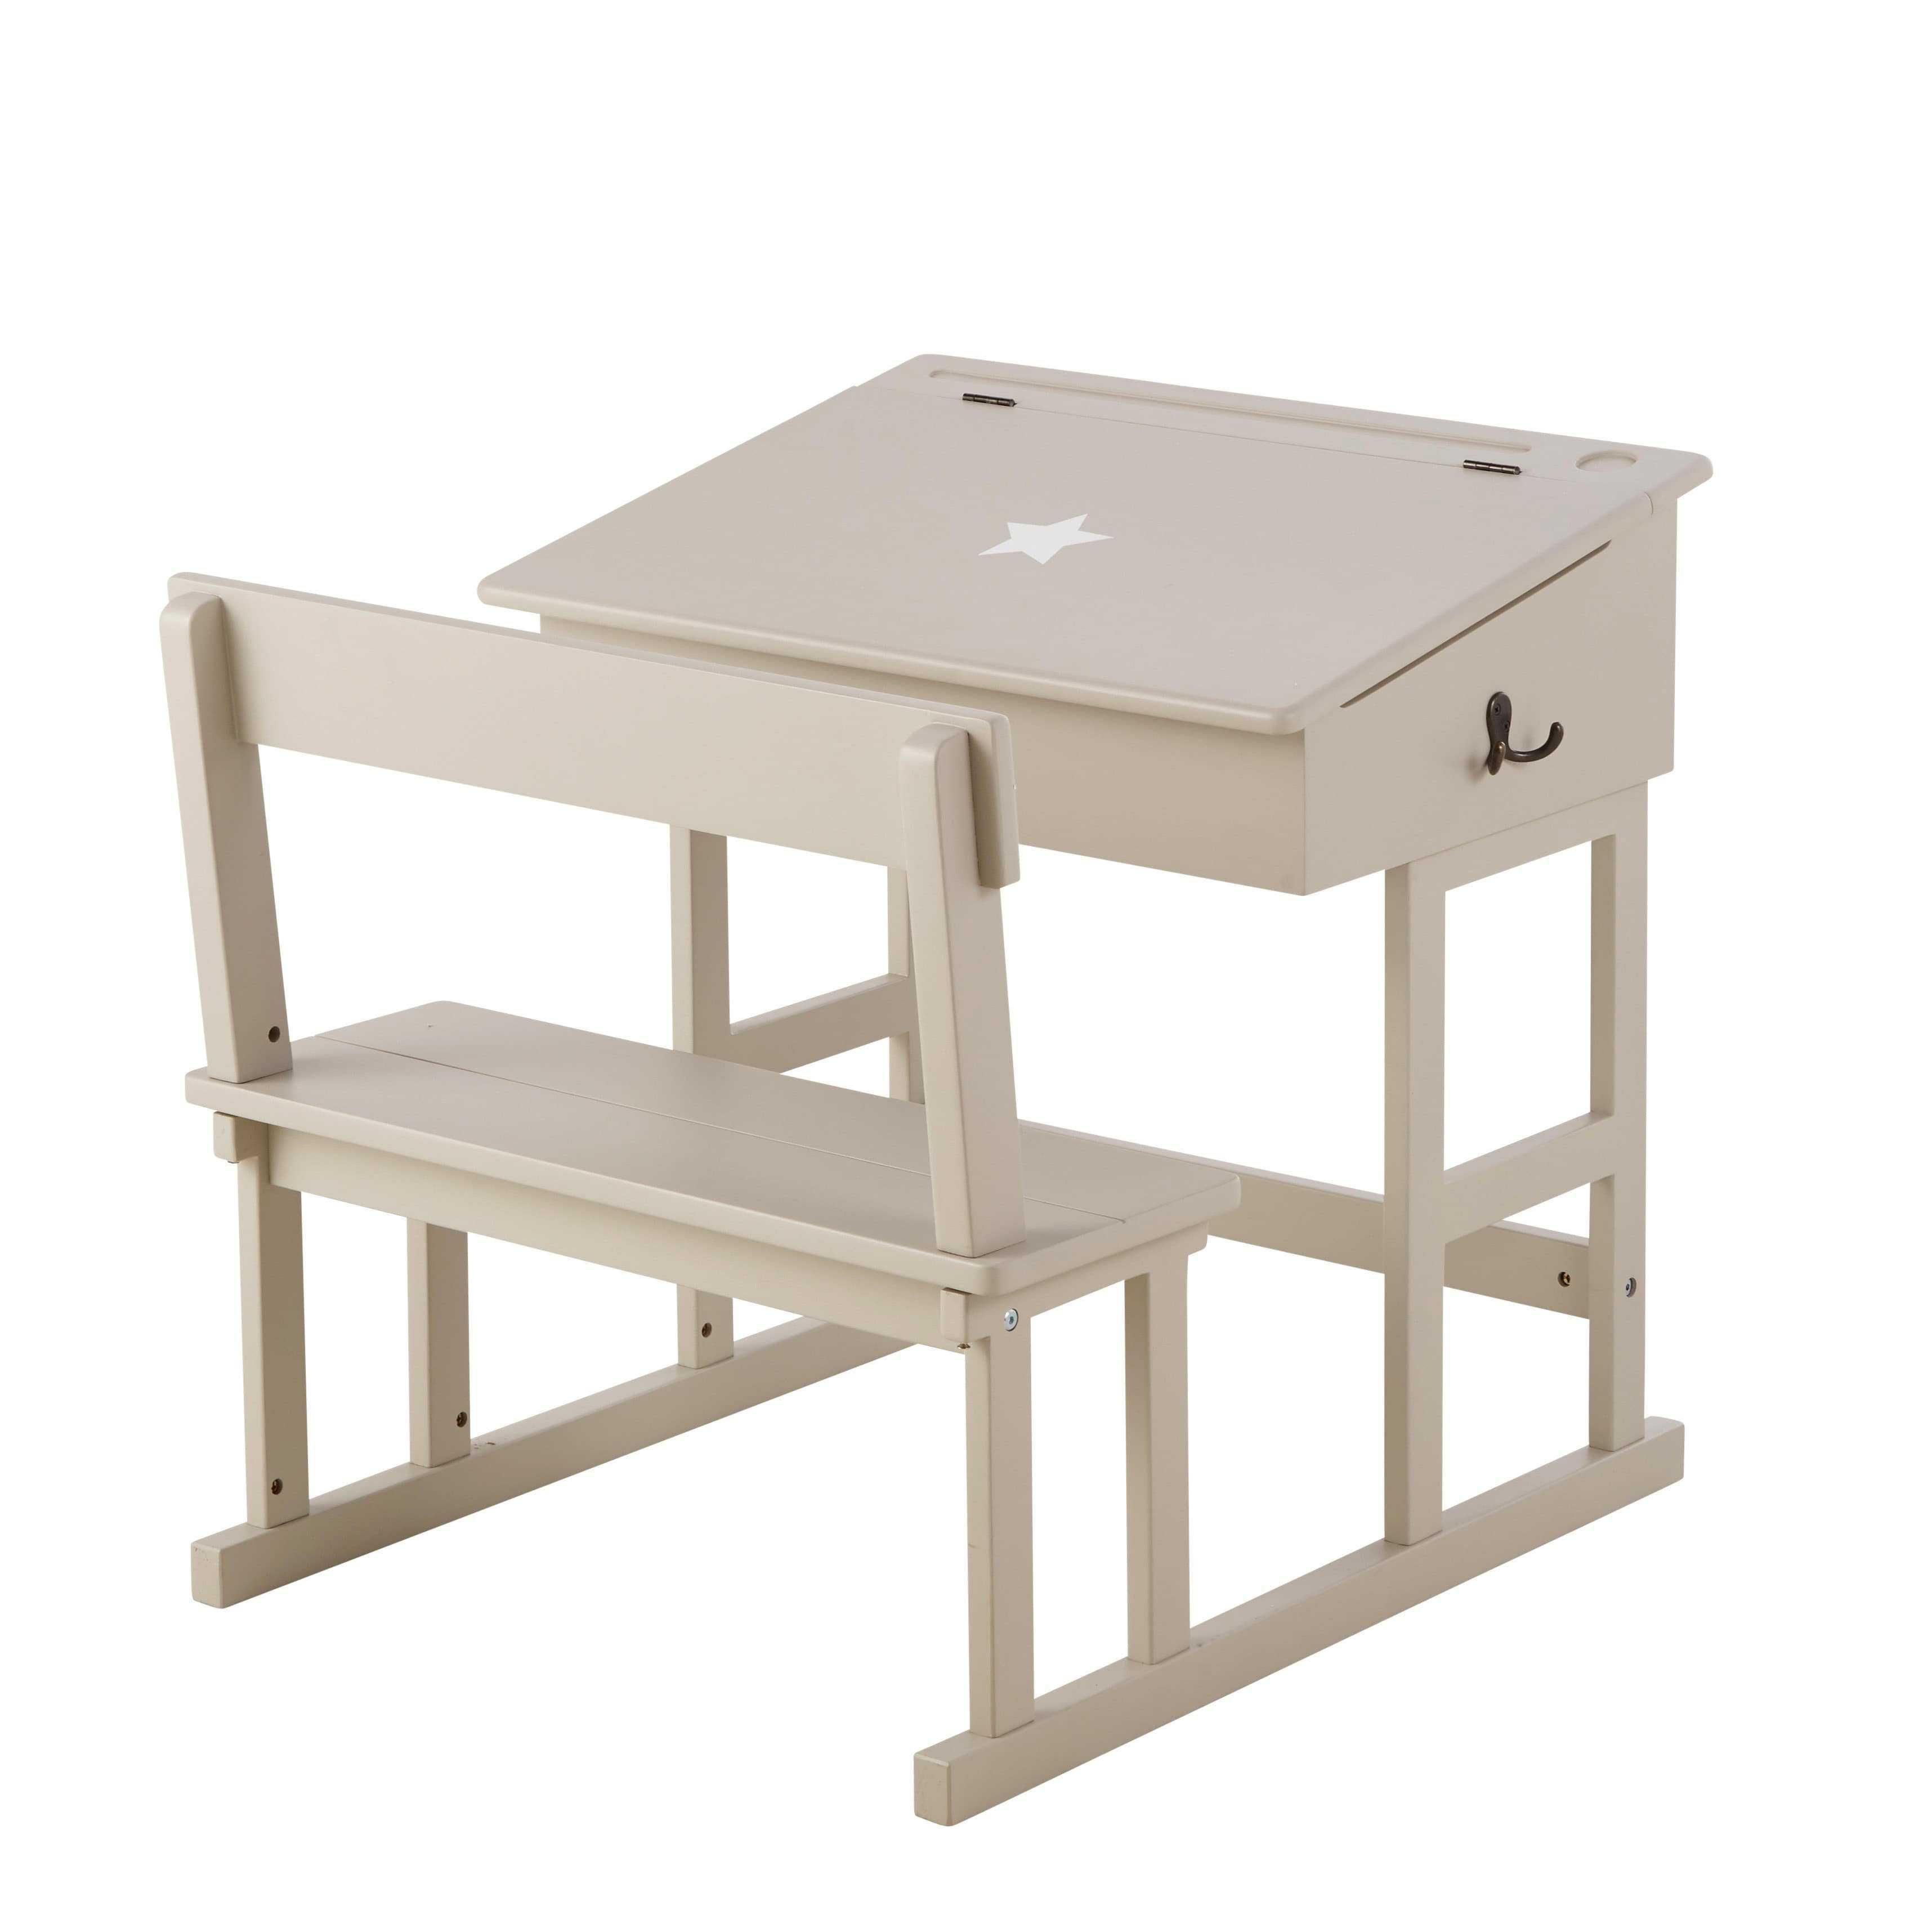 kinderschreibtisch pult taupe jetzt bestellen unter https. Black Bedroom Furniture Sets. Home Design Ideas